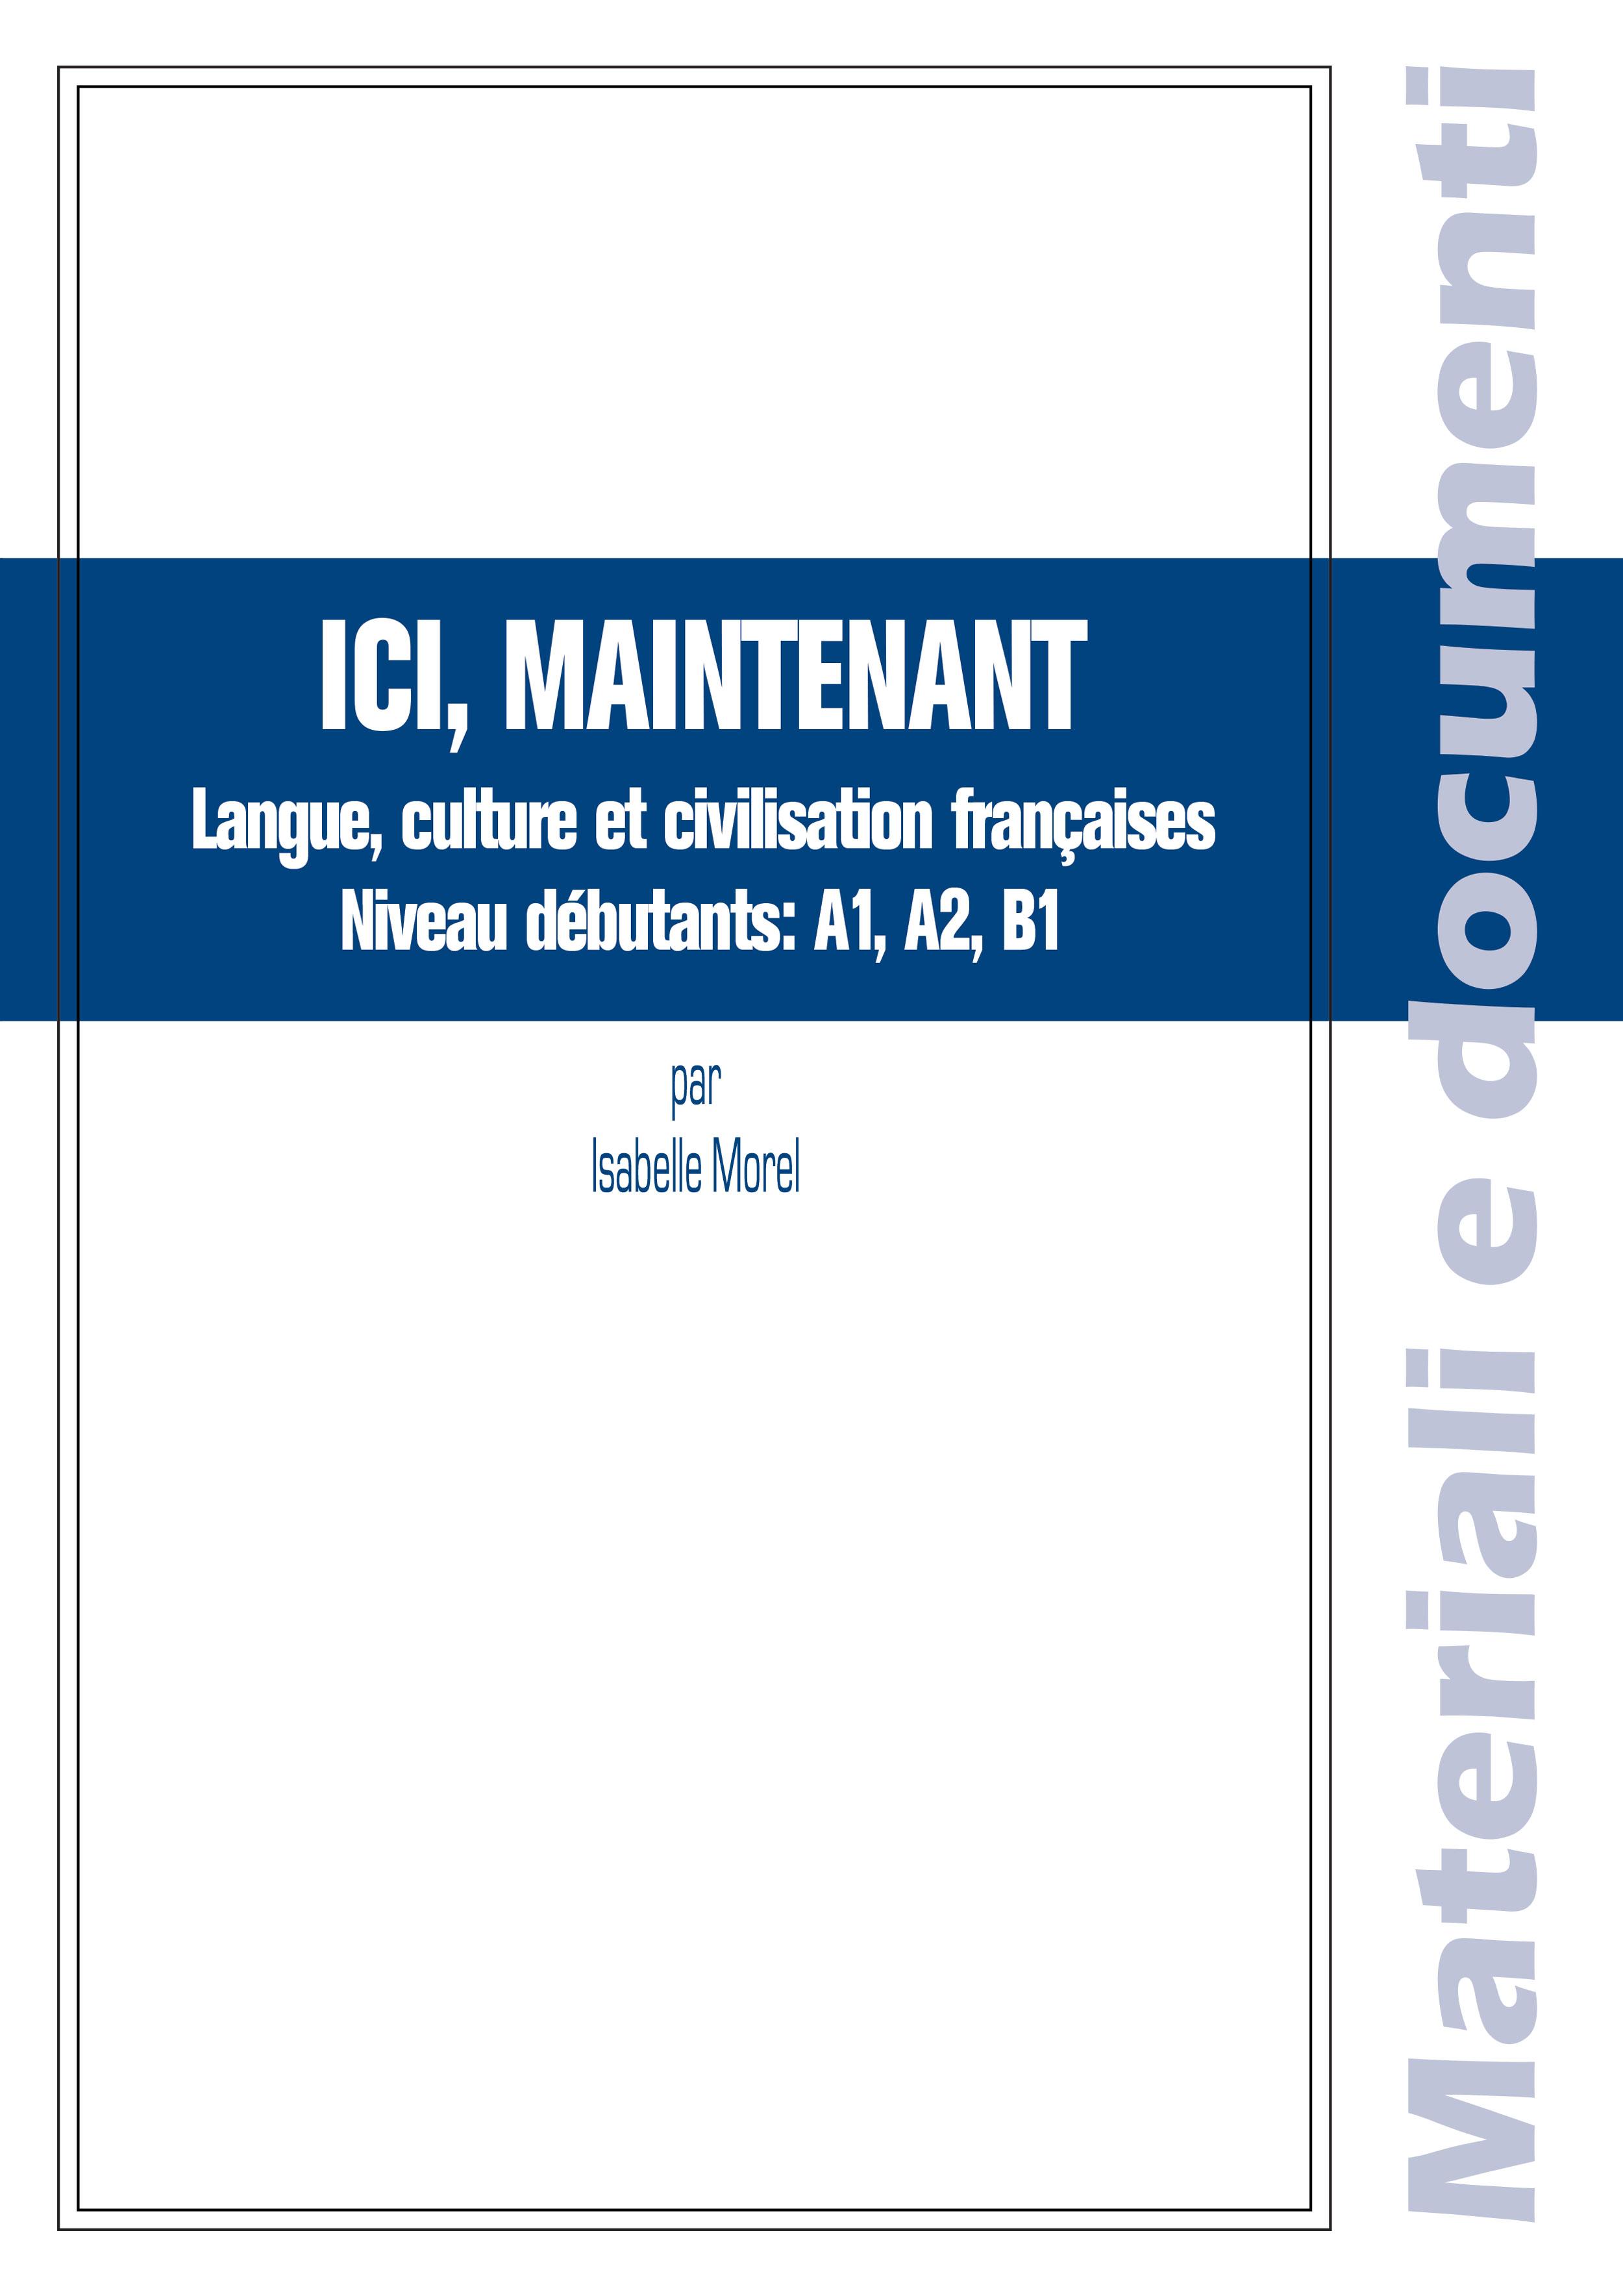 (Con Cd) Ici, Maintenant. Langue, Culture Et Civilisation Francaises. Niveau Debutants: A1, A2, B1